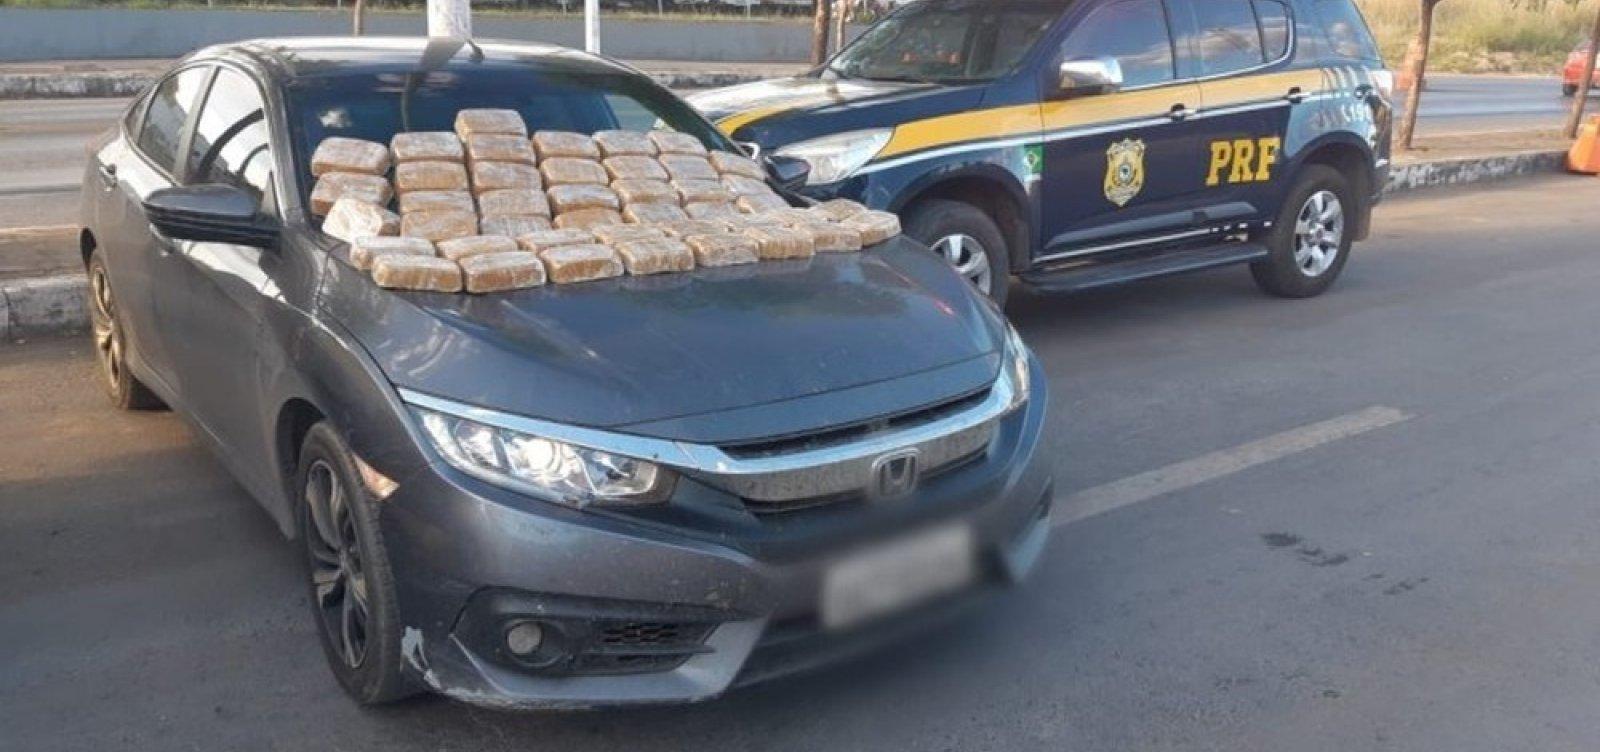 [Jovem é preso com 42 kg de crack em porta-malas do carro em Barreiras]